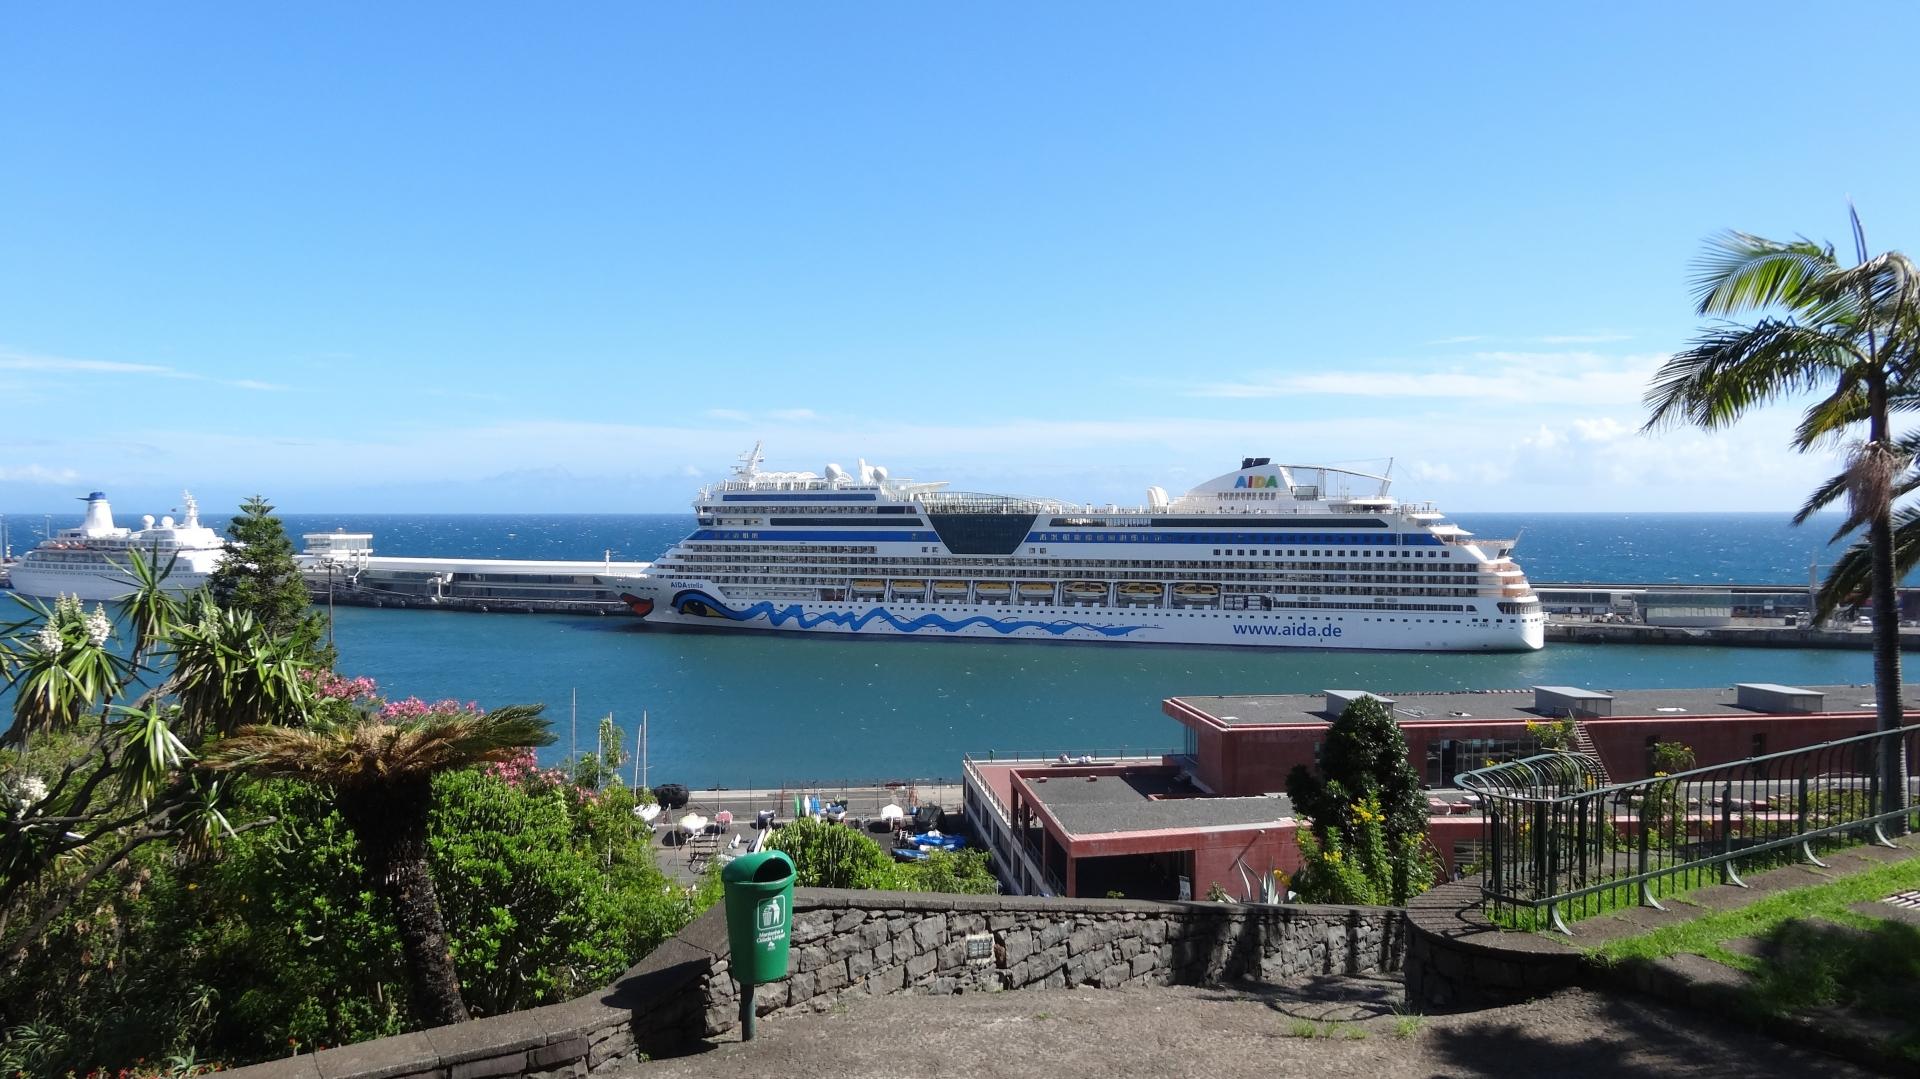 Schiffsreisenportal-Kreuzfahrten-Schiffsreisen-Weltreisen_Plantours-Flussschiff-CLIA